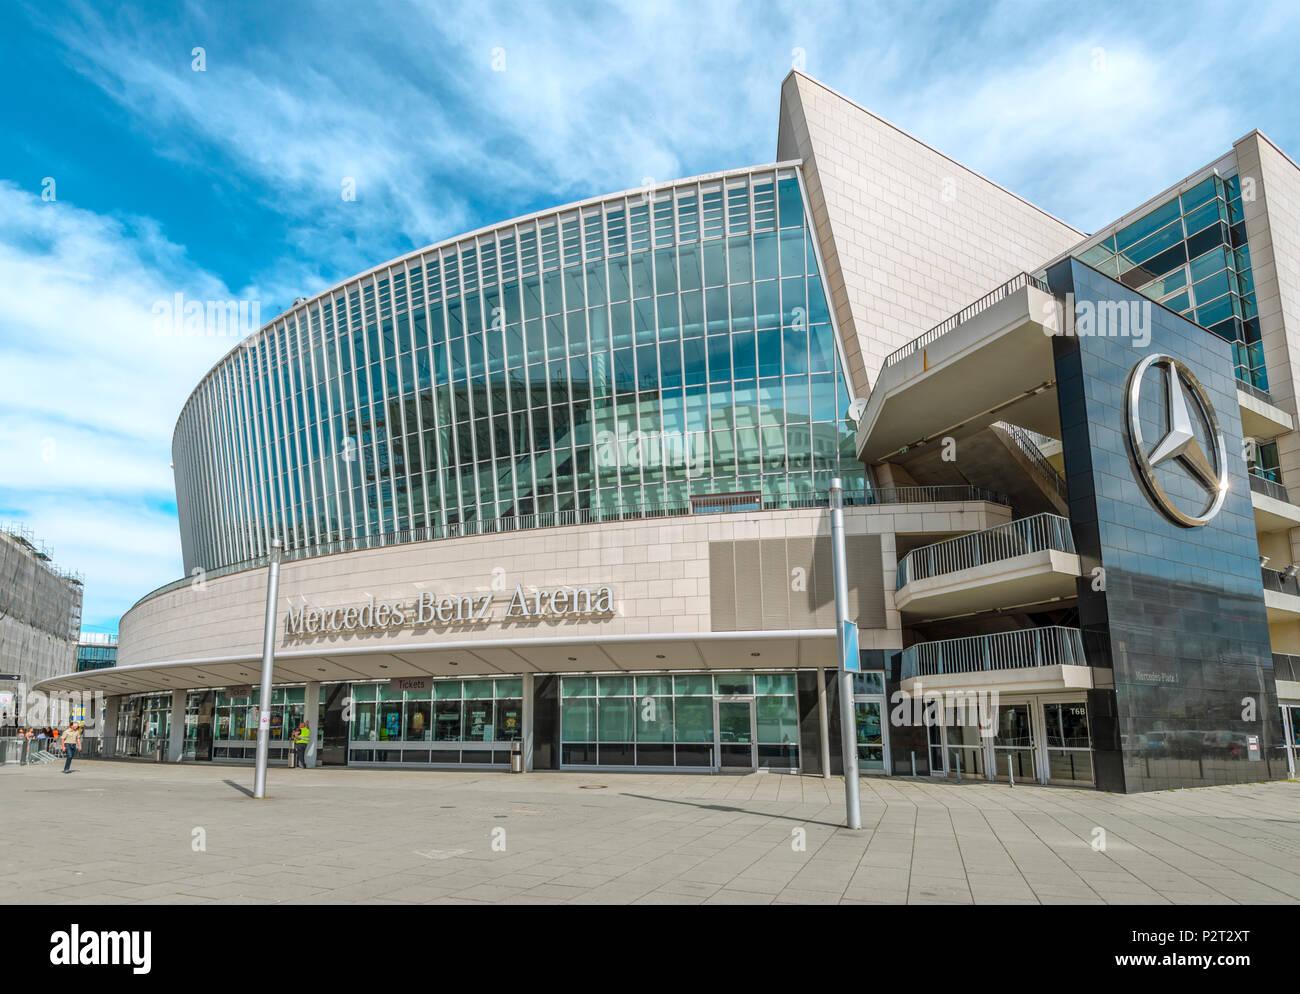 Mercedes Benz Arena Stadium, Berlin, Germany | Mercedes Benz Arena Stadion, Berlin, Deutschland - Stock Image